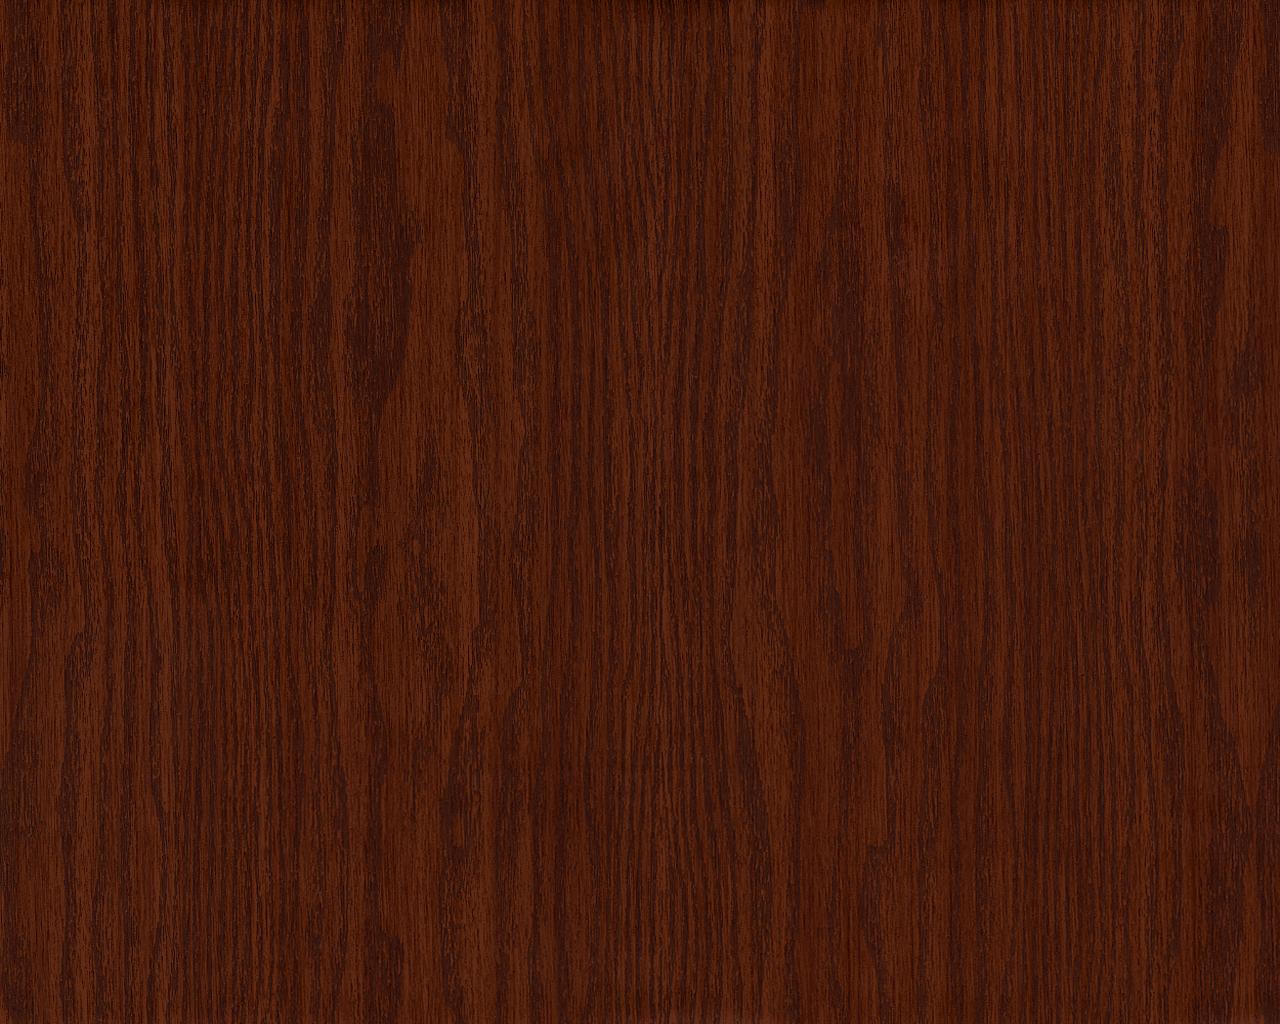 Woodworking Wallpaper - WallpaperSafari